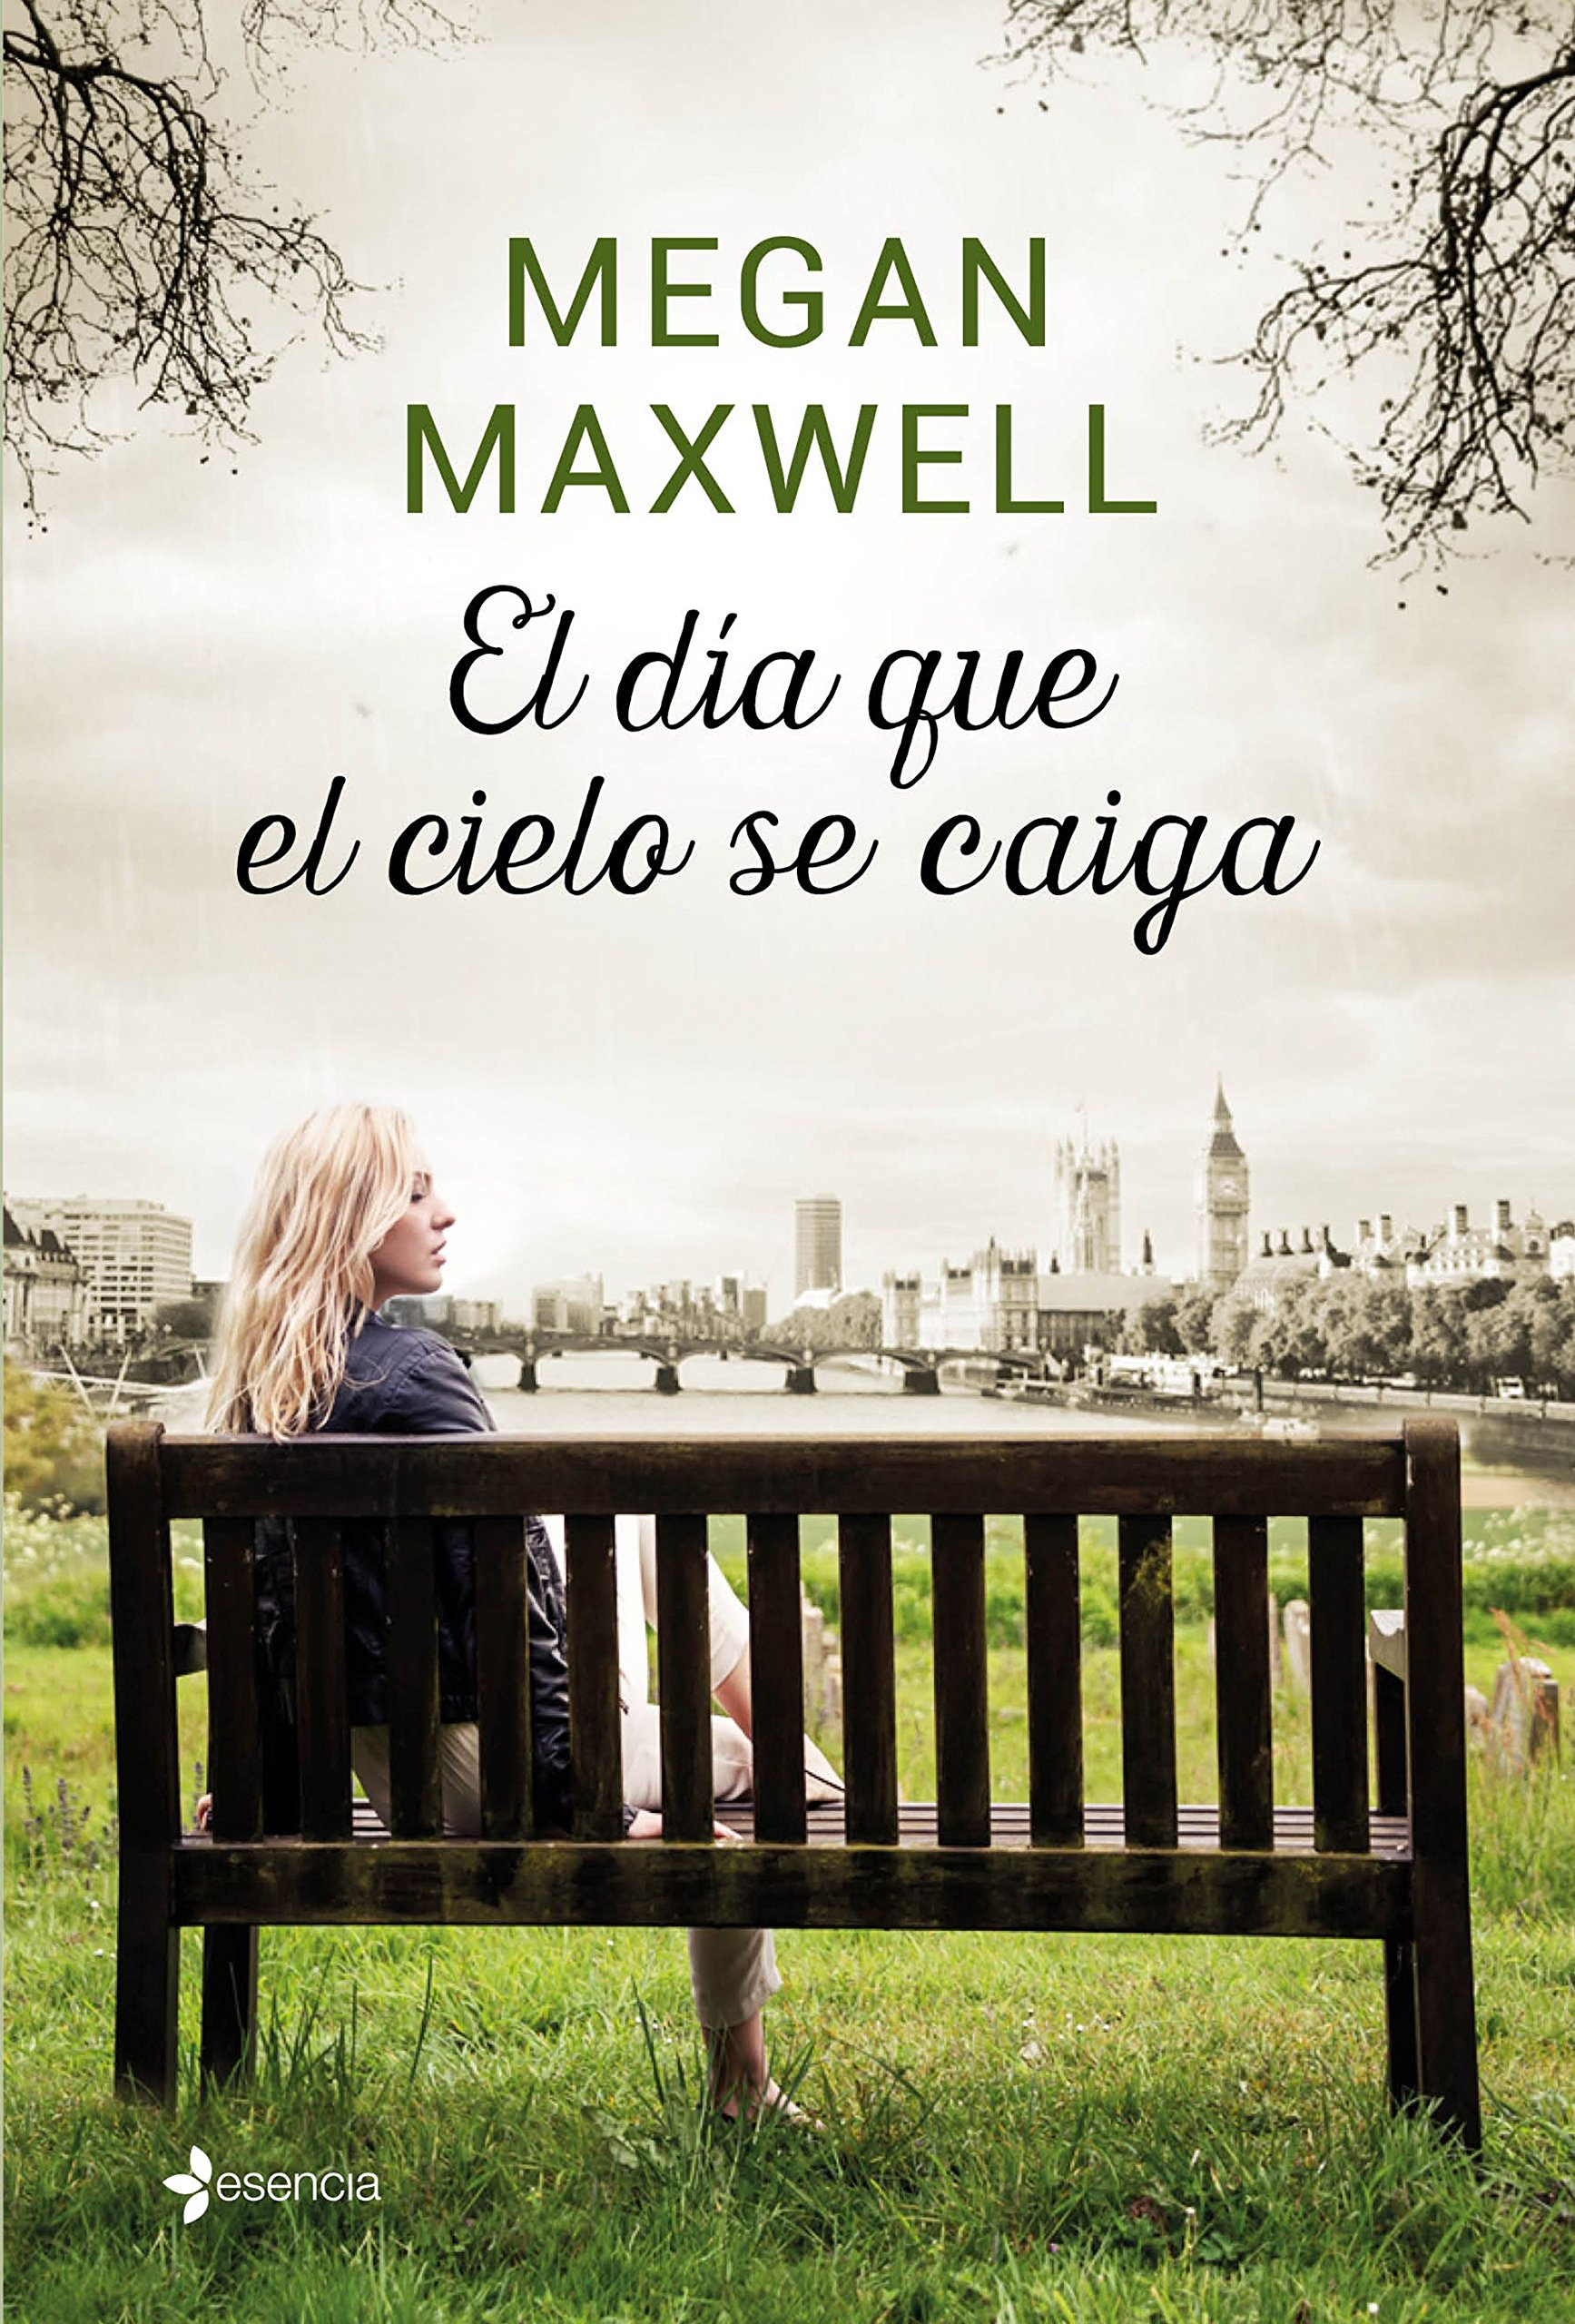 El día que el cielo se caiga (Contemporánea) Tapa blanda – 31 may 2016 Megan Maxwell Esencia 8408155873 Romance